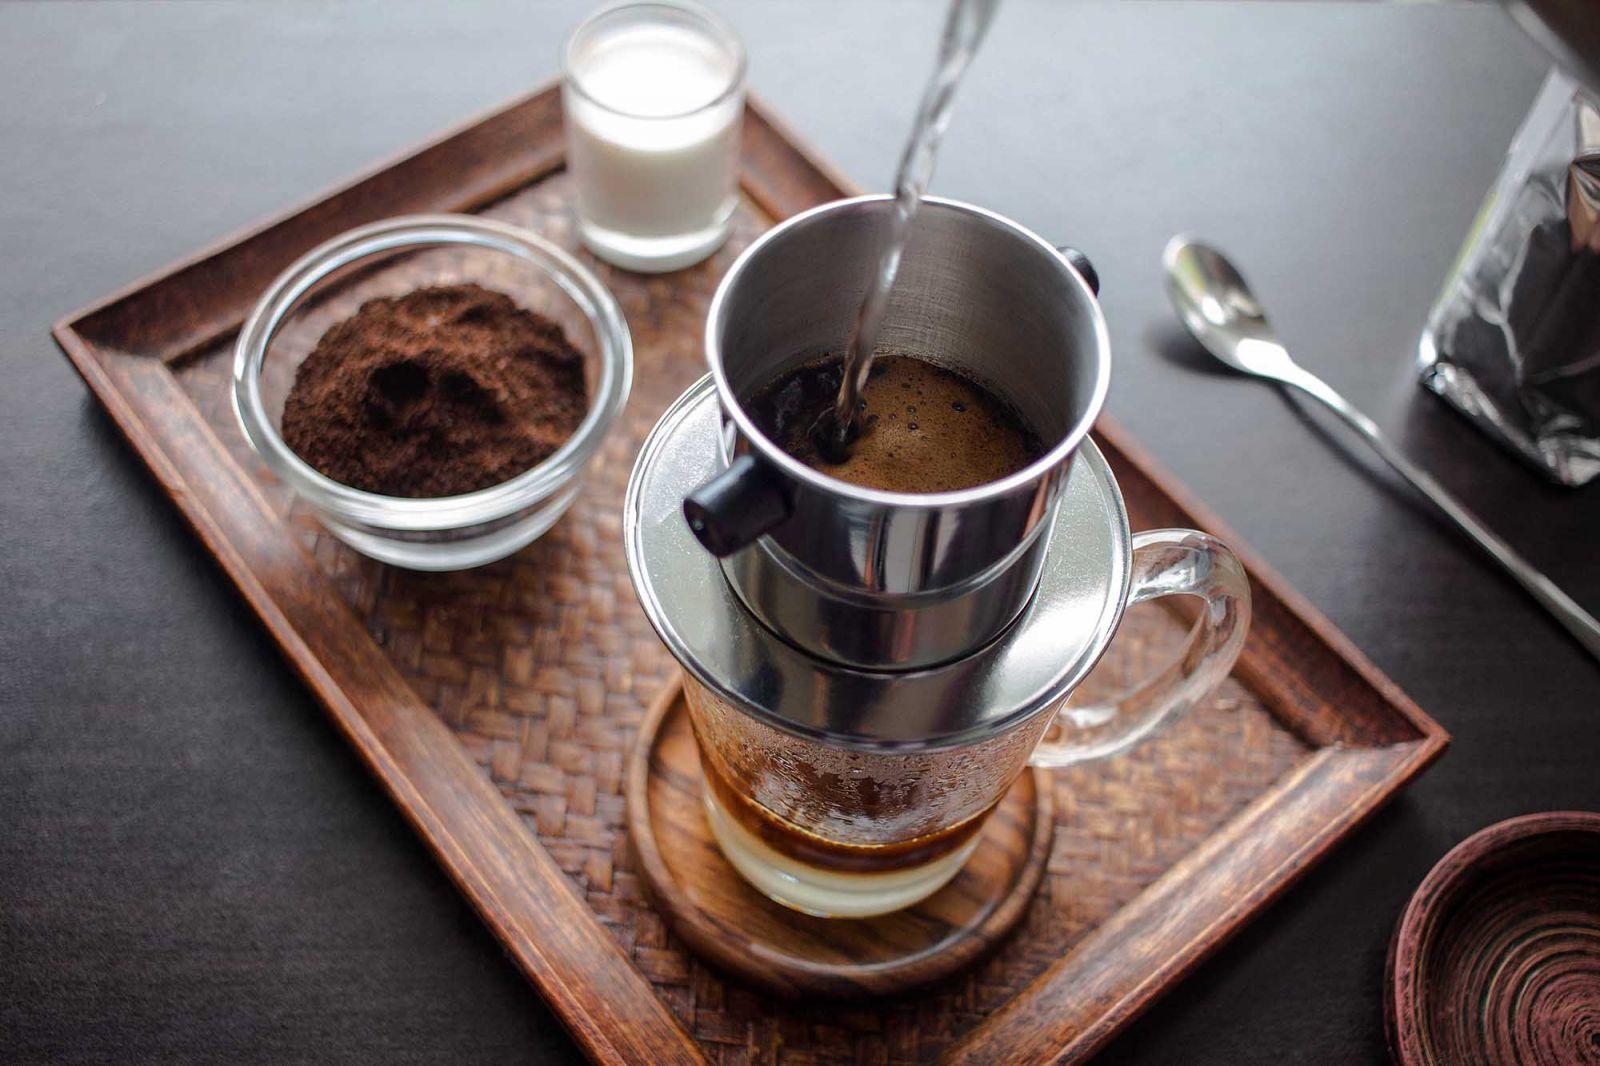 Ly cà phê đen đá xuất hiện ở mọi quán cà phê của Việt Nam